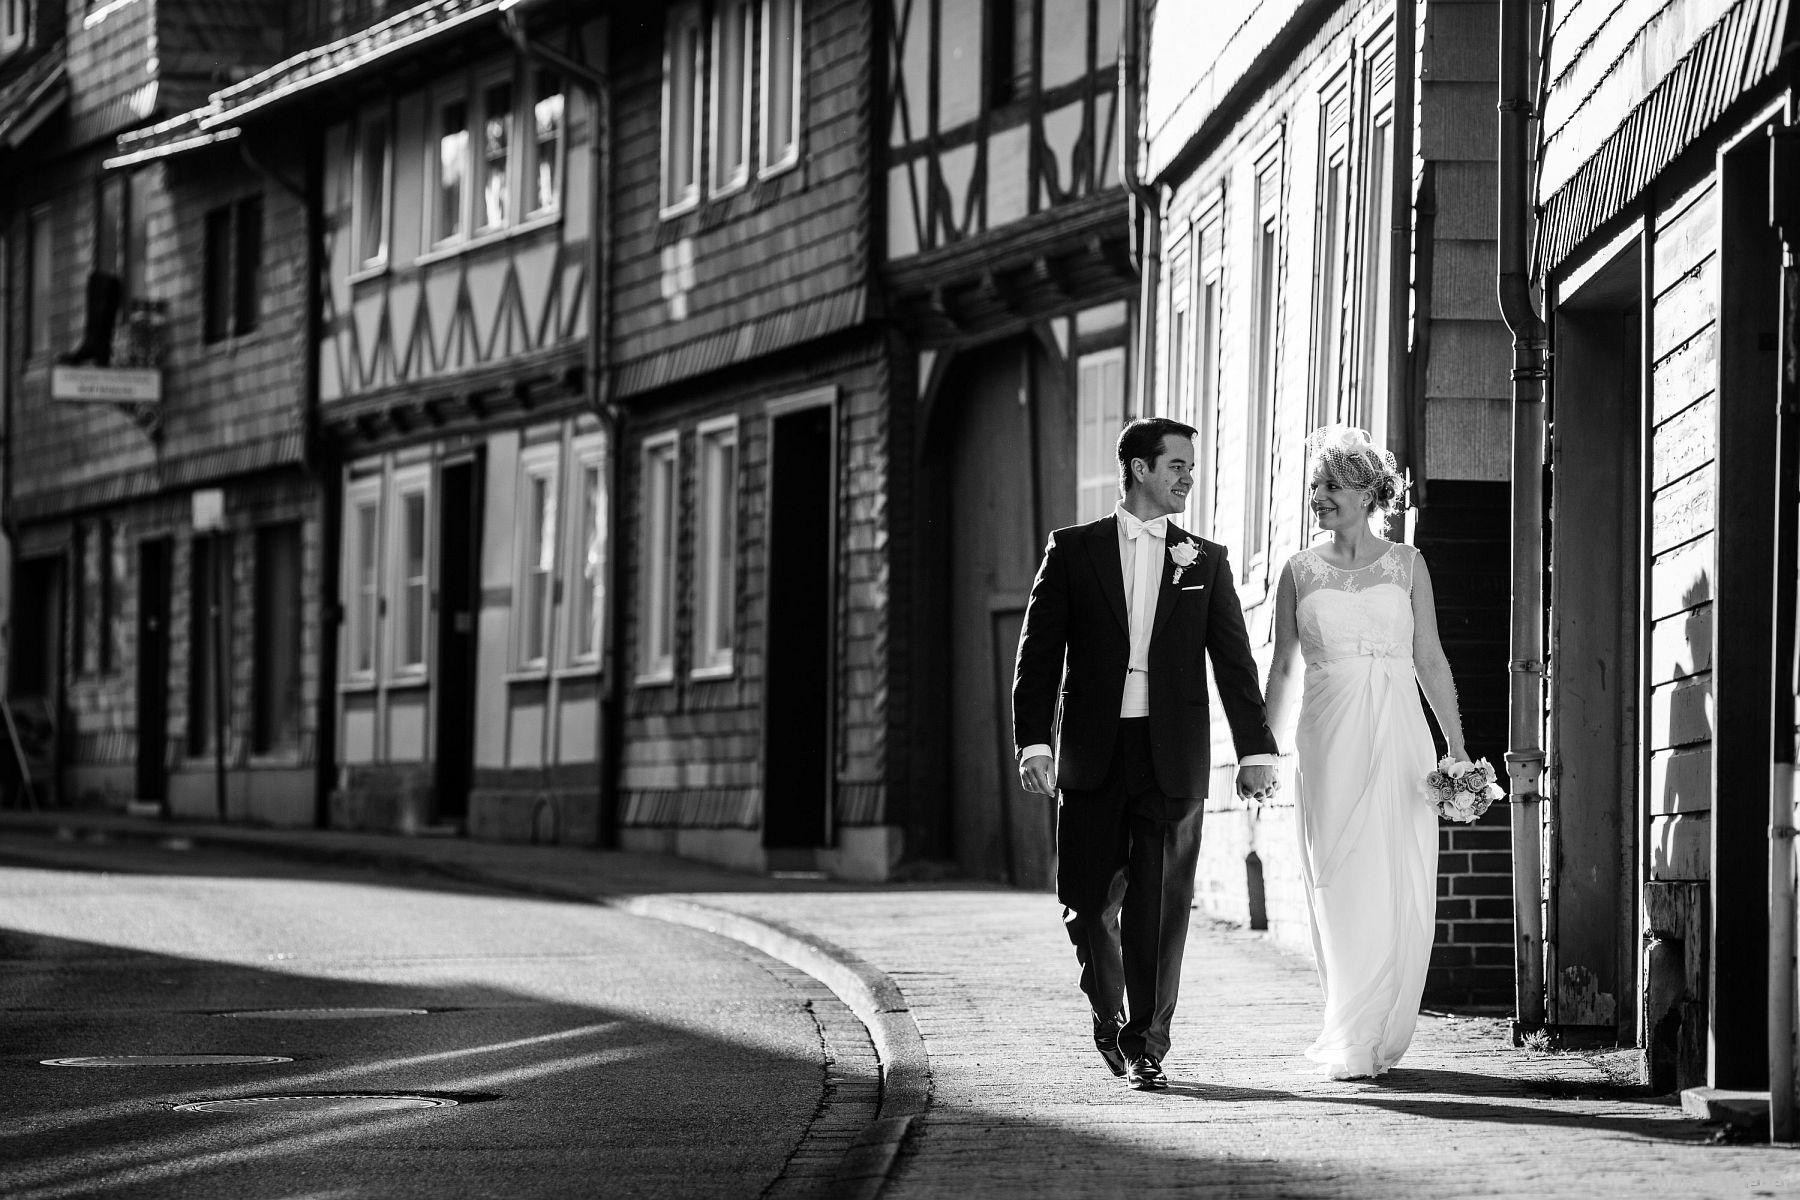 Hochzeitsfotograf Goslar: Standesamtliche Trauung in der Kaiserpfalz in Goslar (Harz) (38)